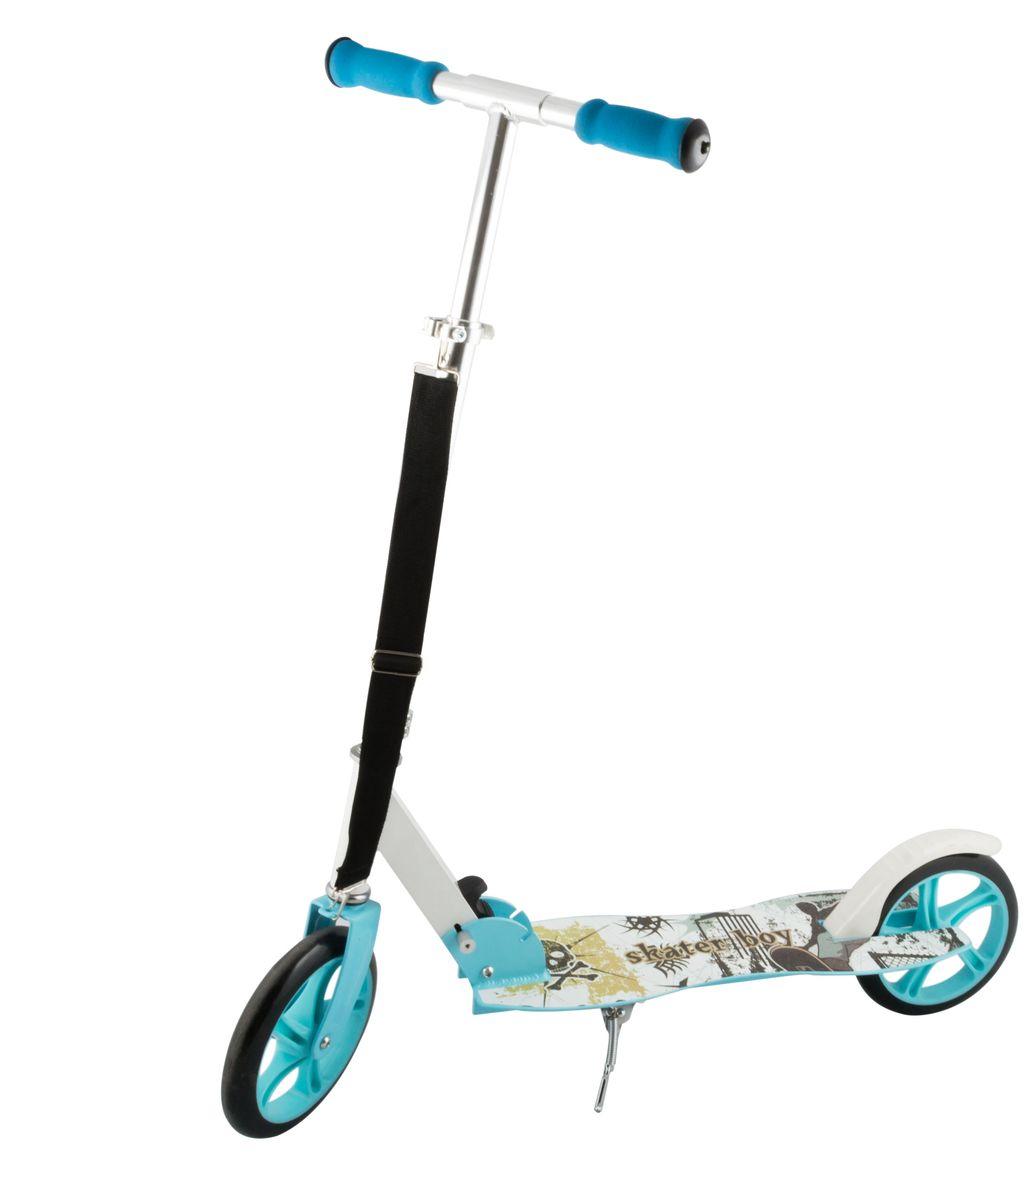 """Самокат 2-колесный SC-04 (200 мм), цвет: синийУТ-00008339Самокат 2-х колесный SC-04 (200 мм) - это модель имеет индивидуальный дизайн, что отличает ее от остальных. Геометрия деки с """"талией"""" никого не оставит равнодушным. Удобная лямка для переноски самоката. Двухколесная модель с 200-мм колесами для взрослых и детей. Эргономичные резиновые грипсы. Телескопический руль. Удобная система складывания. Алюминиевая дека. Металлический тормоз. Полиуретановые 200-мм колеса. Подножка для устойчивости самоката. Подшипники ABEC 7 для быстрой и плавной езды. Технические характеристики: Дека: алюминий Ручки: формованная пена Руль: алюминий Материал колеса (внутр): полипропилен Материал колеса (внешний): полиуретан Регулировка руля: есть Система складывания: есть Размер колеса, мм: 200 Подшипники: Abec-7 Цвет: синий Вес, гр: 3600 Производство: КНР Ед. изм: шт. Кратность товара: 1 Количество в коробке: 4"""